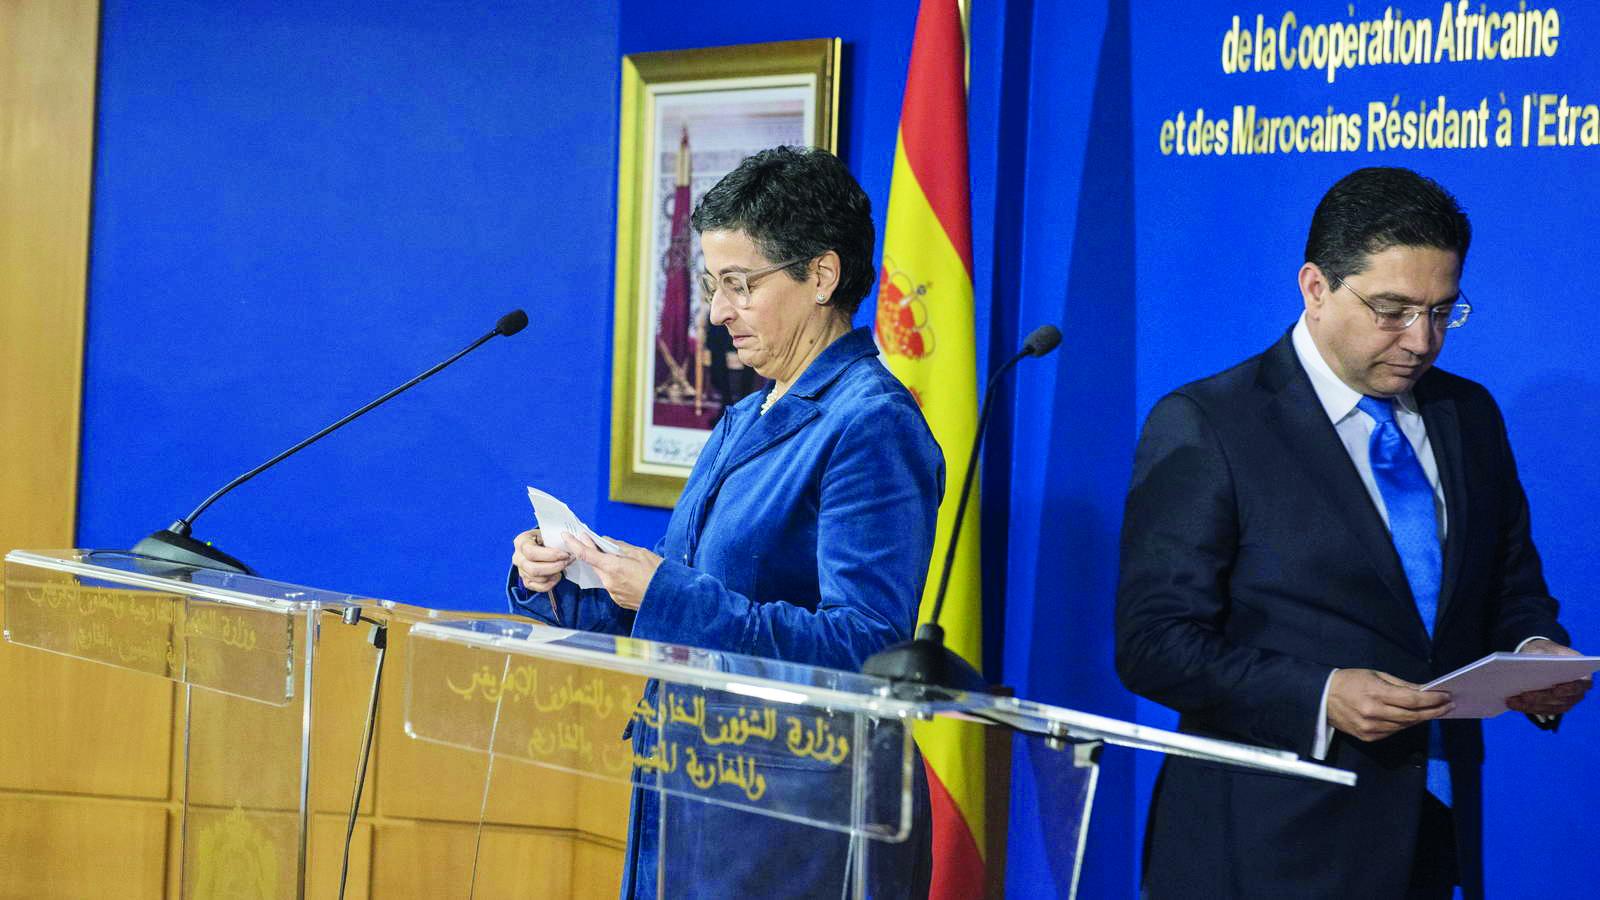 Crise de Sebta : Jouée par Madrid, la carte de l'UE fait pschitt